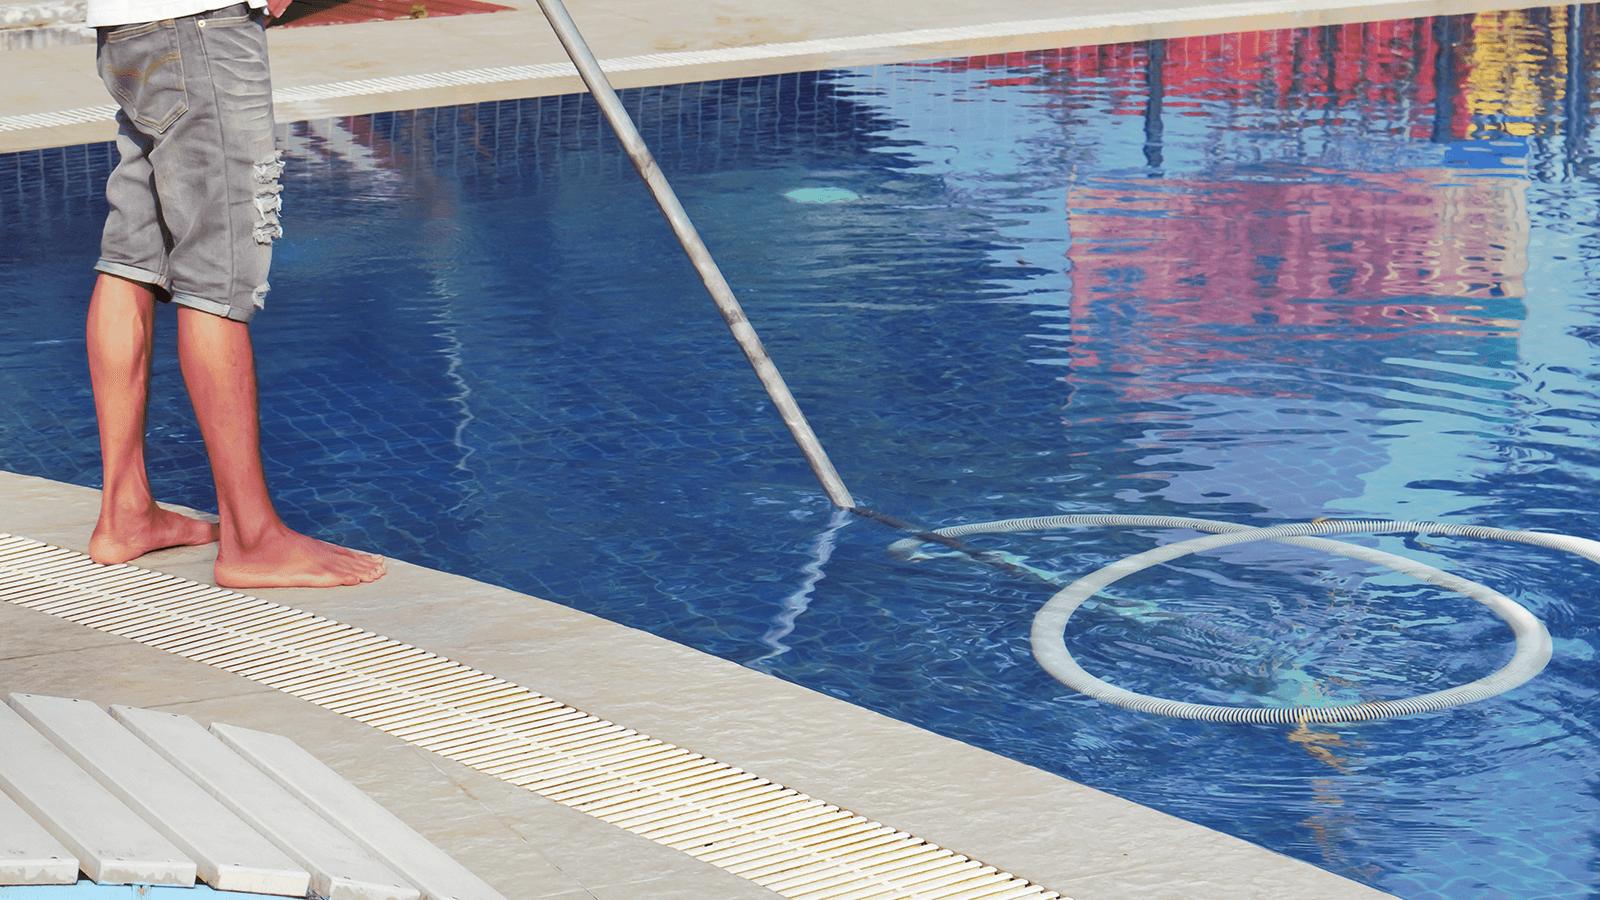 un uomo che pulisce una piscina